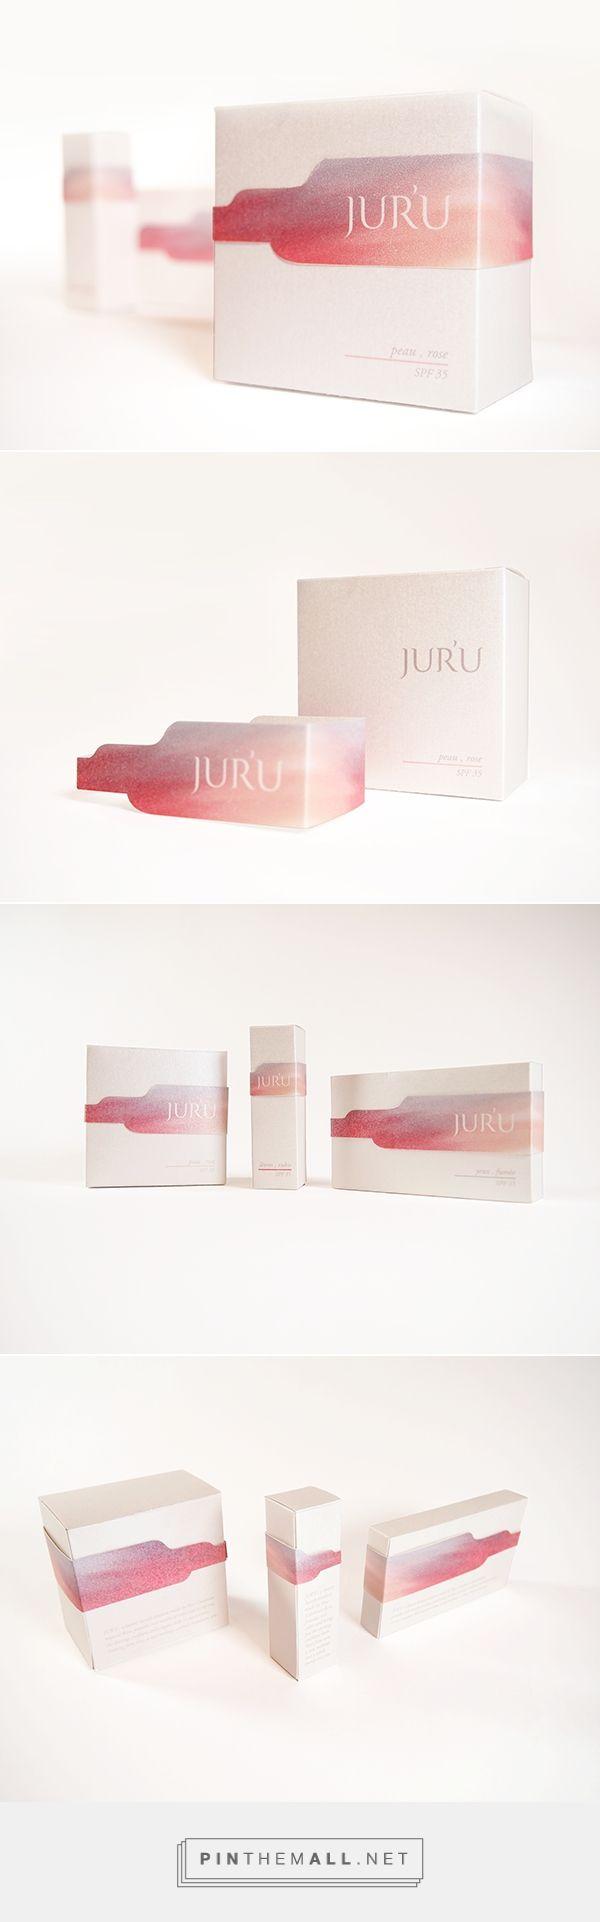 JUR'U Cosmetic                                                                                                                                                     More